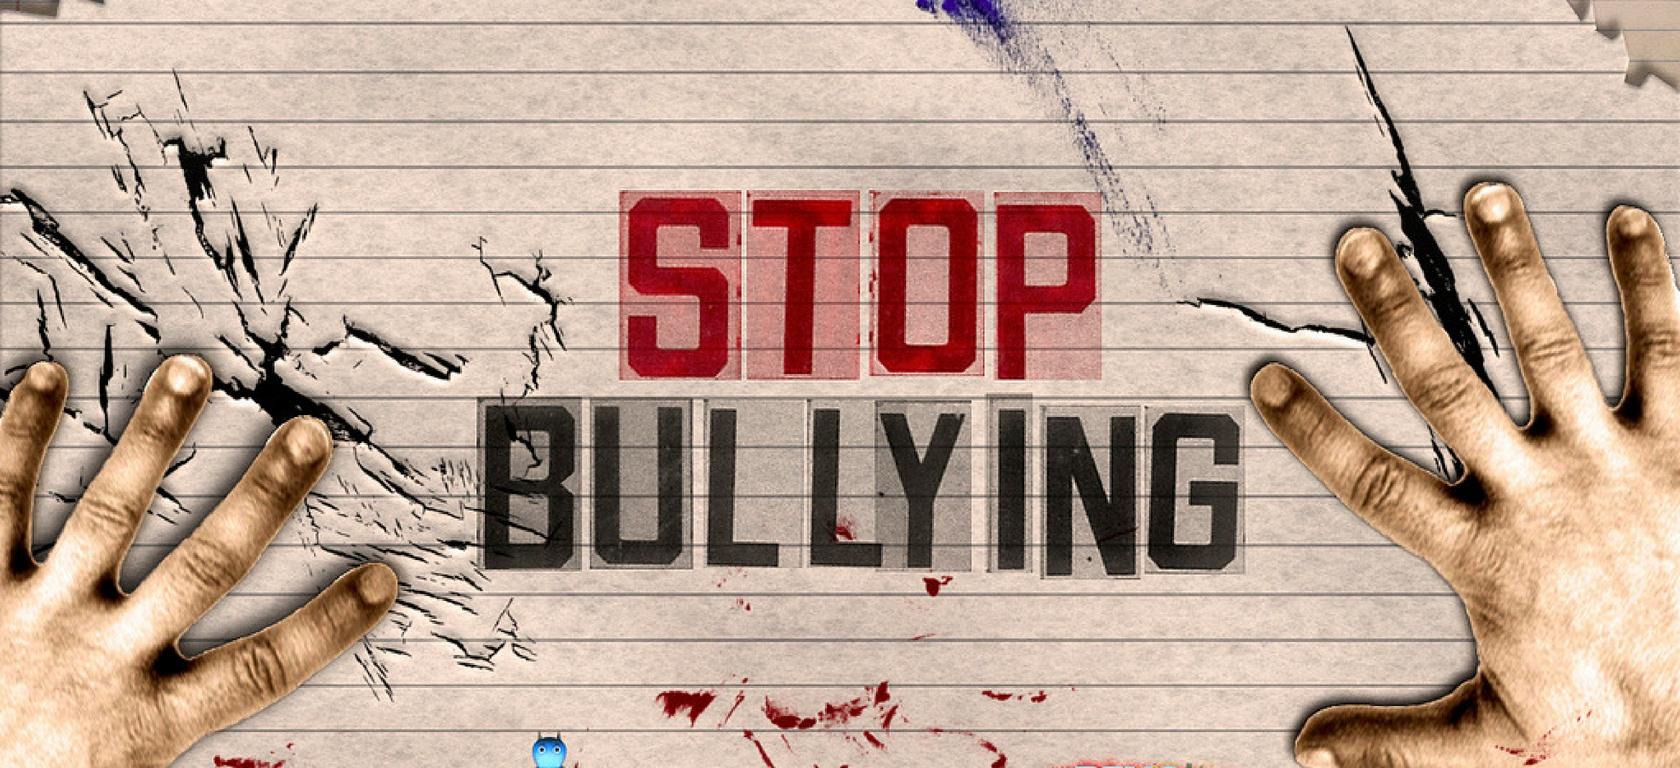 Μορφές βίας και εκφοβισμού bullying: Λέκτική, Σωματική, Ηλεκτρονική, Κοινωνική, Ρατσιστική. Σεξουαλική.